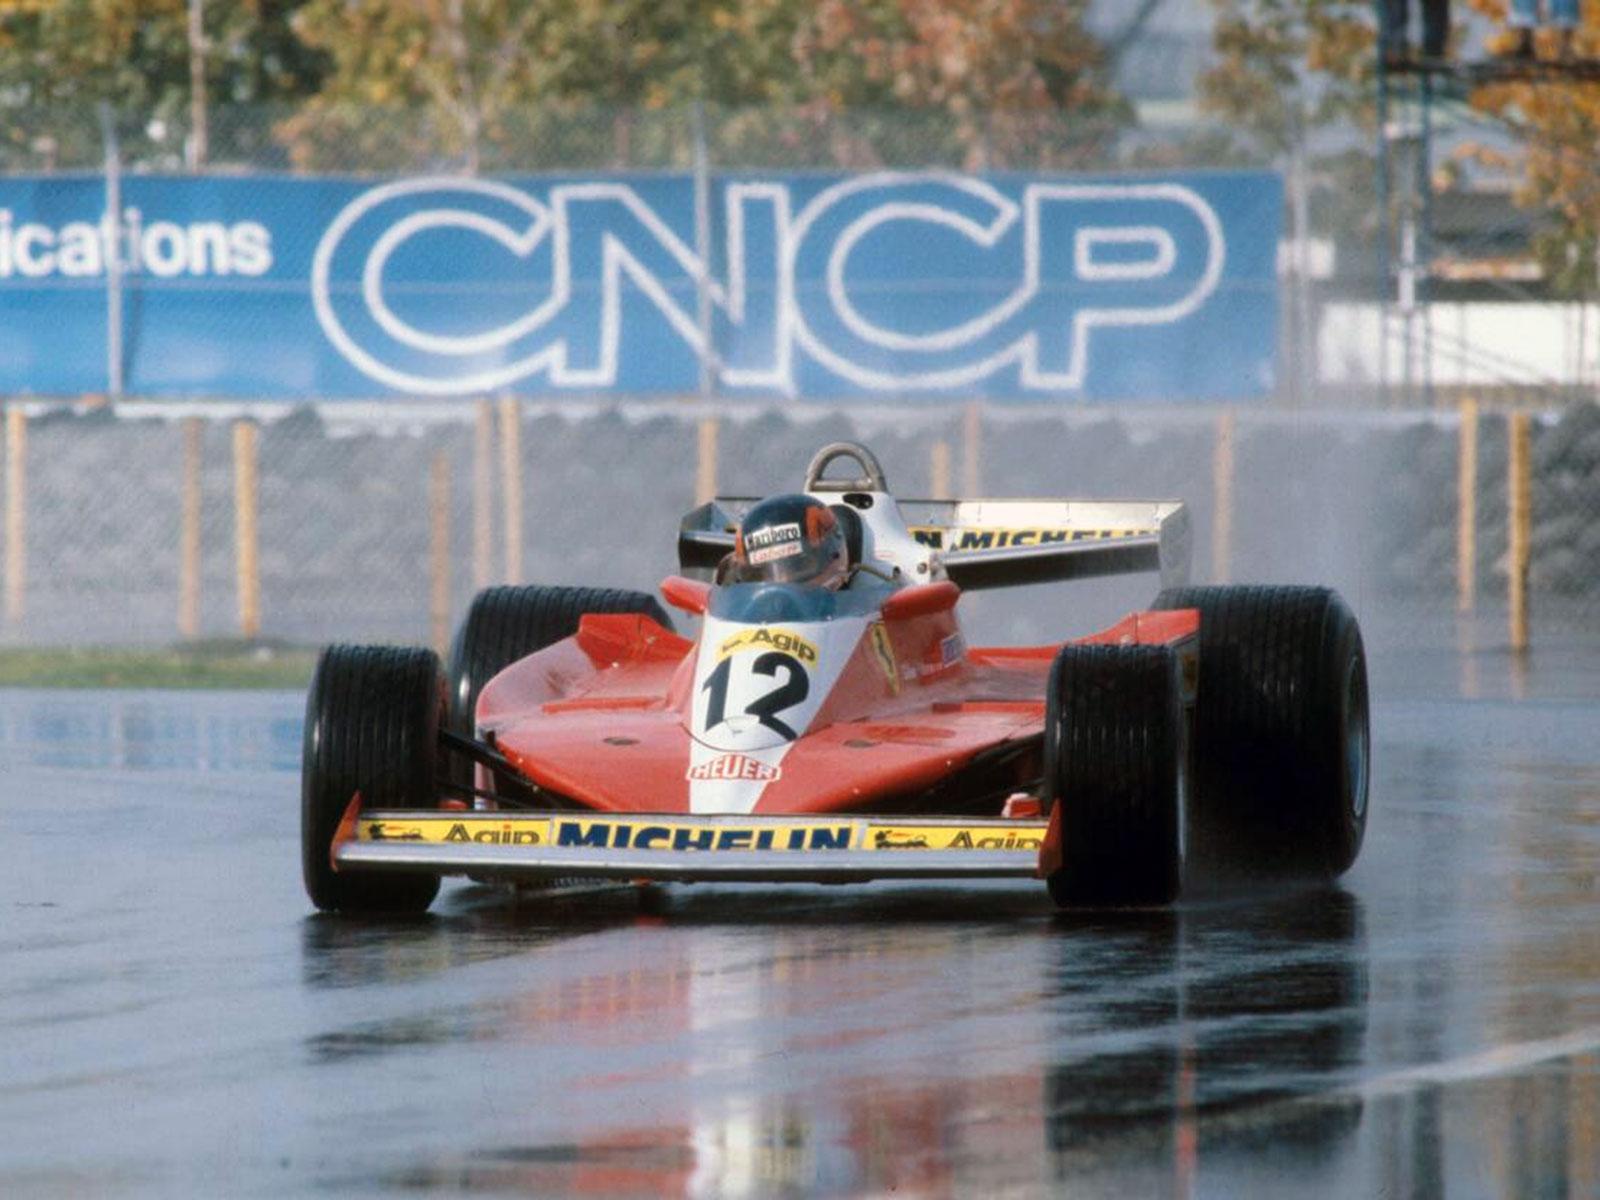 GP do Canadá na Formula 1 em Montreal de 1978 by formulatotal.wordpress.com